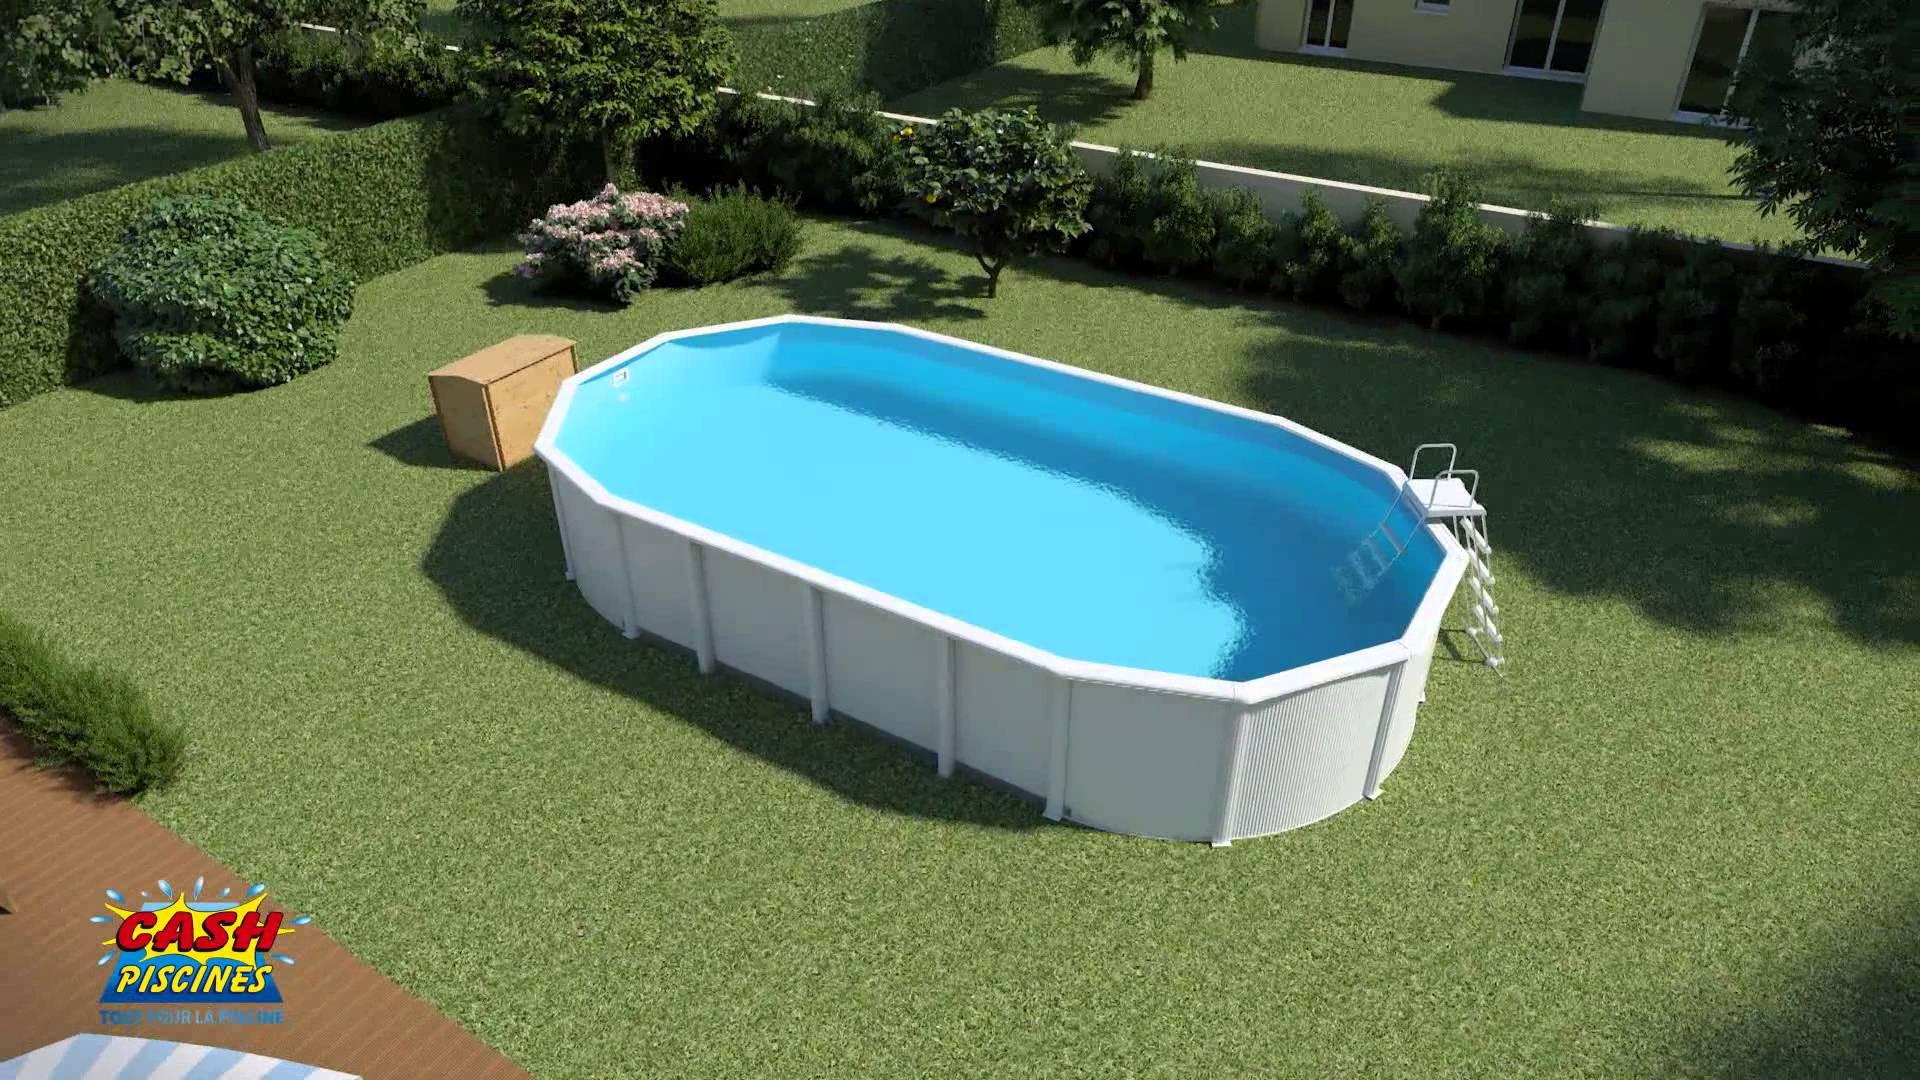 Aspirateur piscine hors sol cash piscine Piscine cash piscine